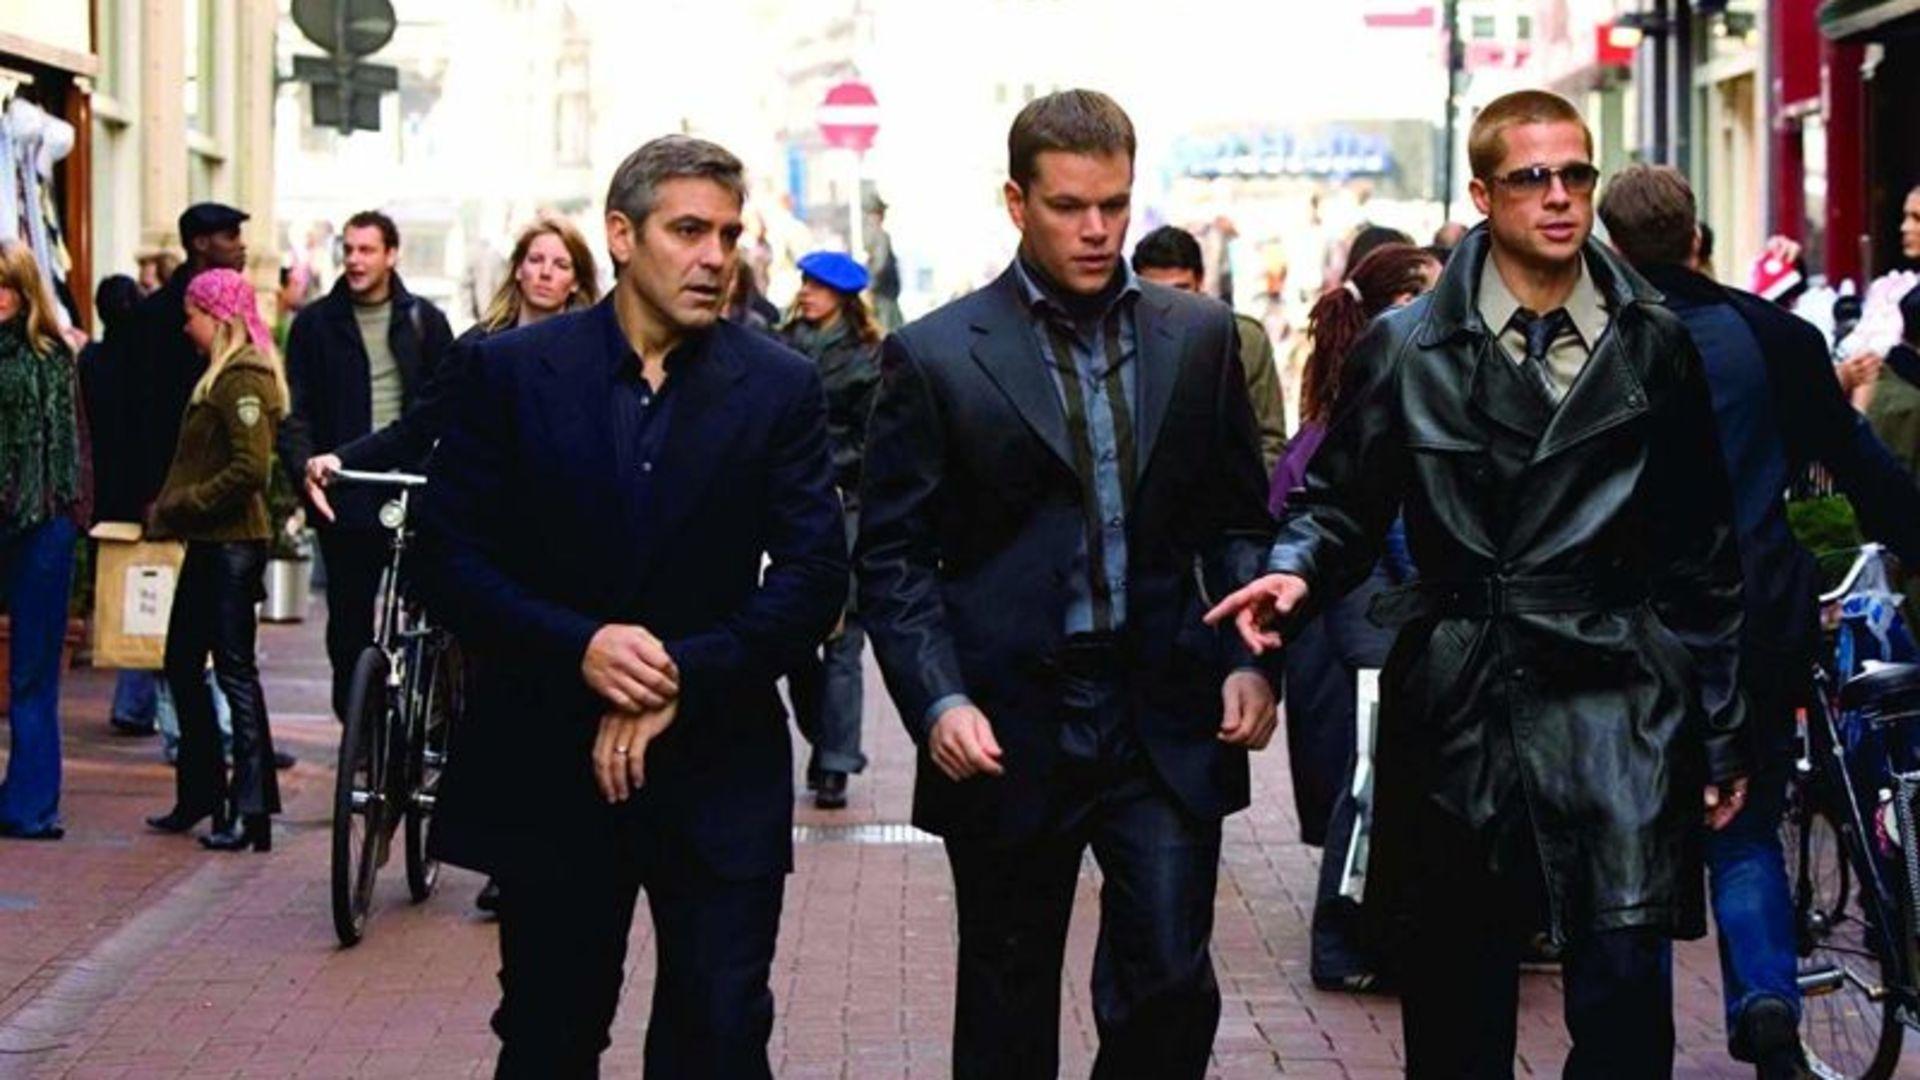 Vijf bekende internationale films die in Nederland zijn opgenomen